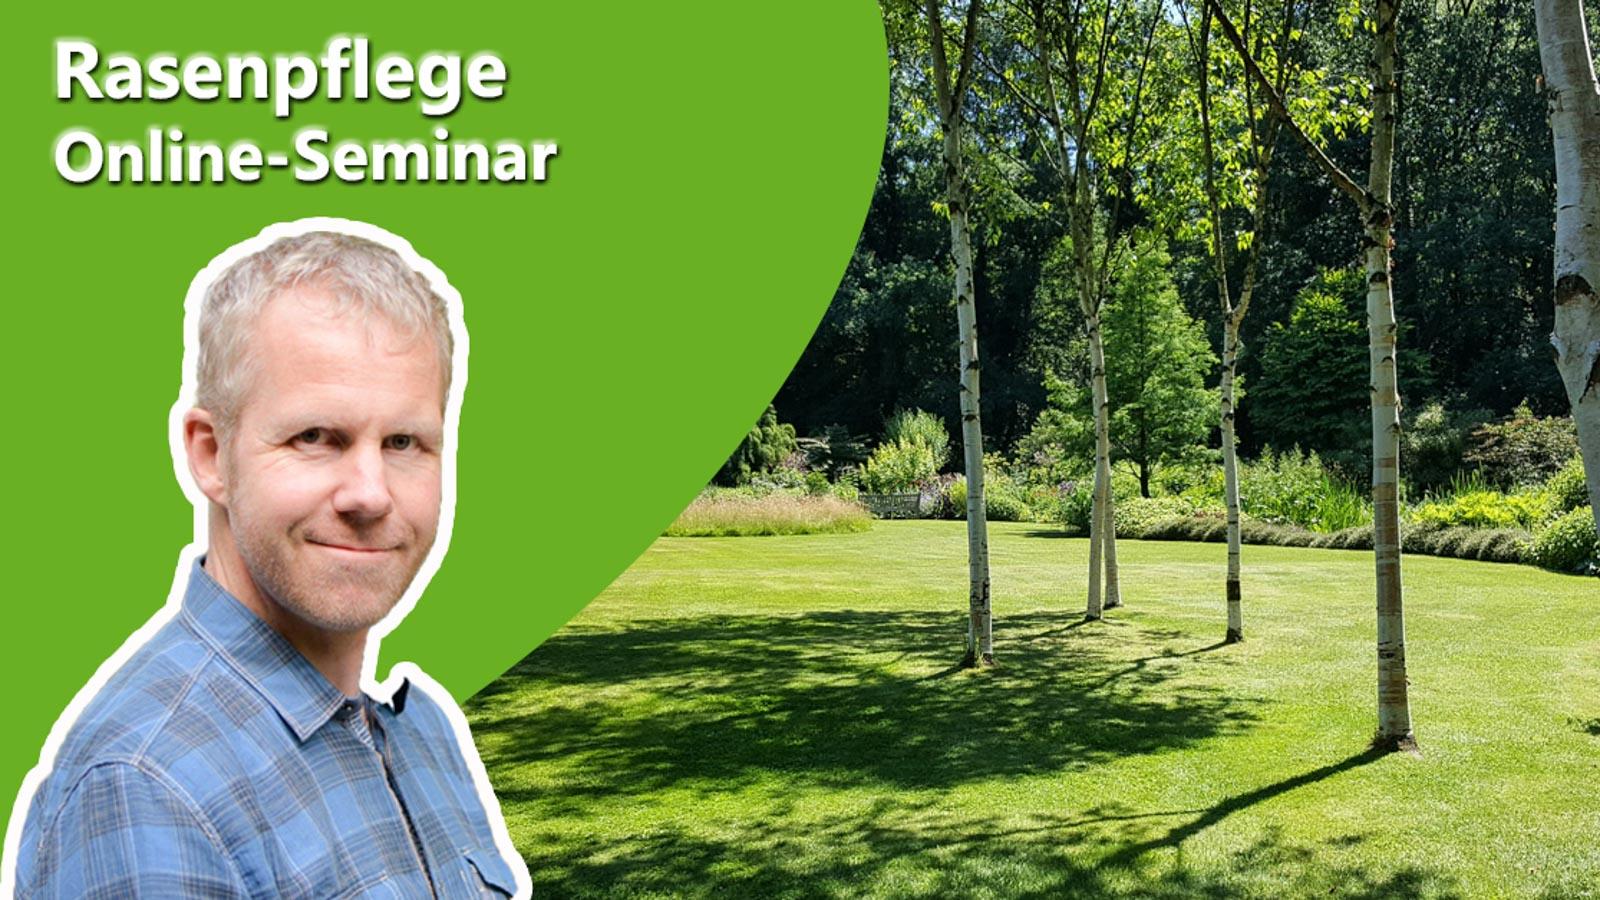 Philippe Dahlmann auf Bild mit einer Rasenfläche zur Ankündigung des Online-Seminars Rasenpflege.